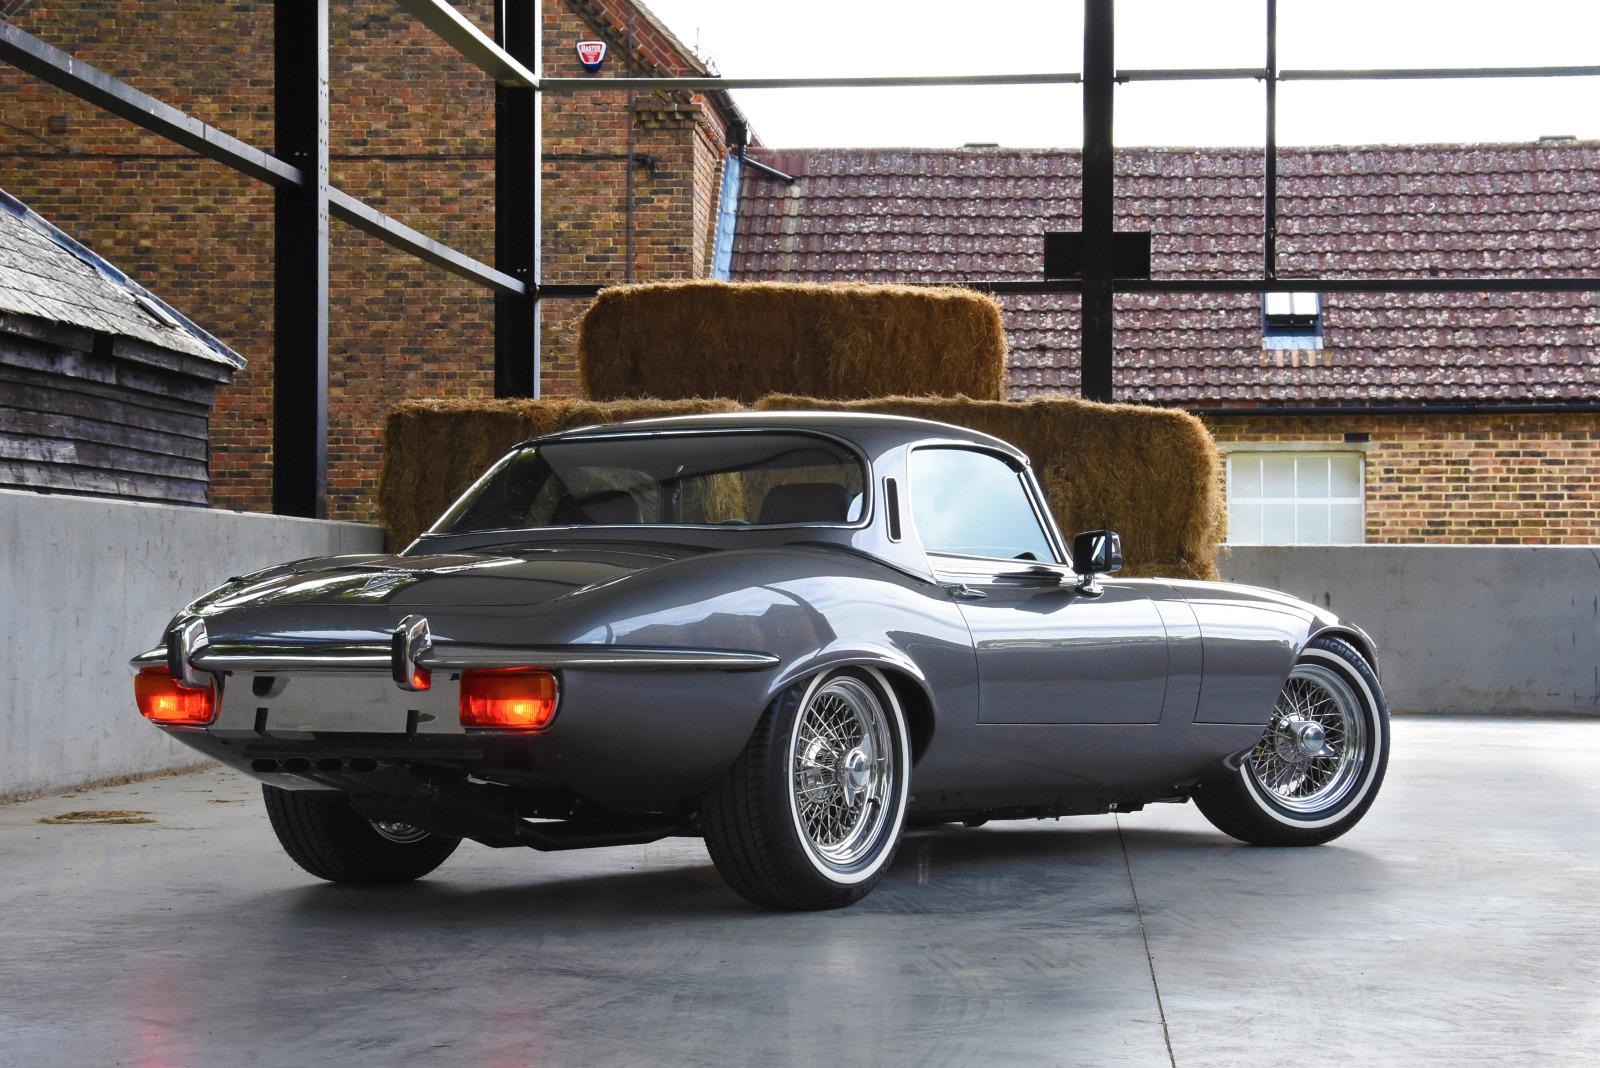 E-Type UK - Jaguar S3 V12 6.1